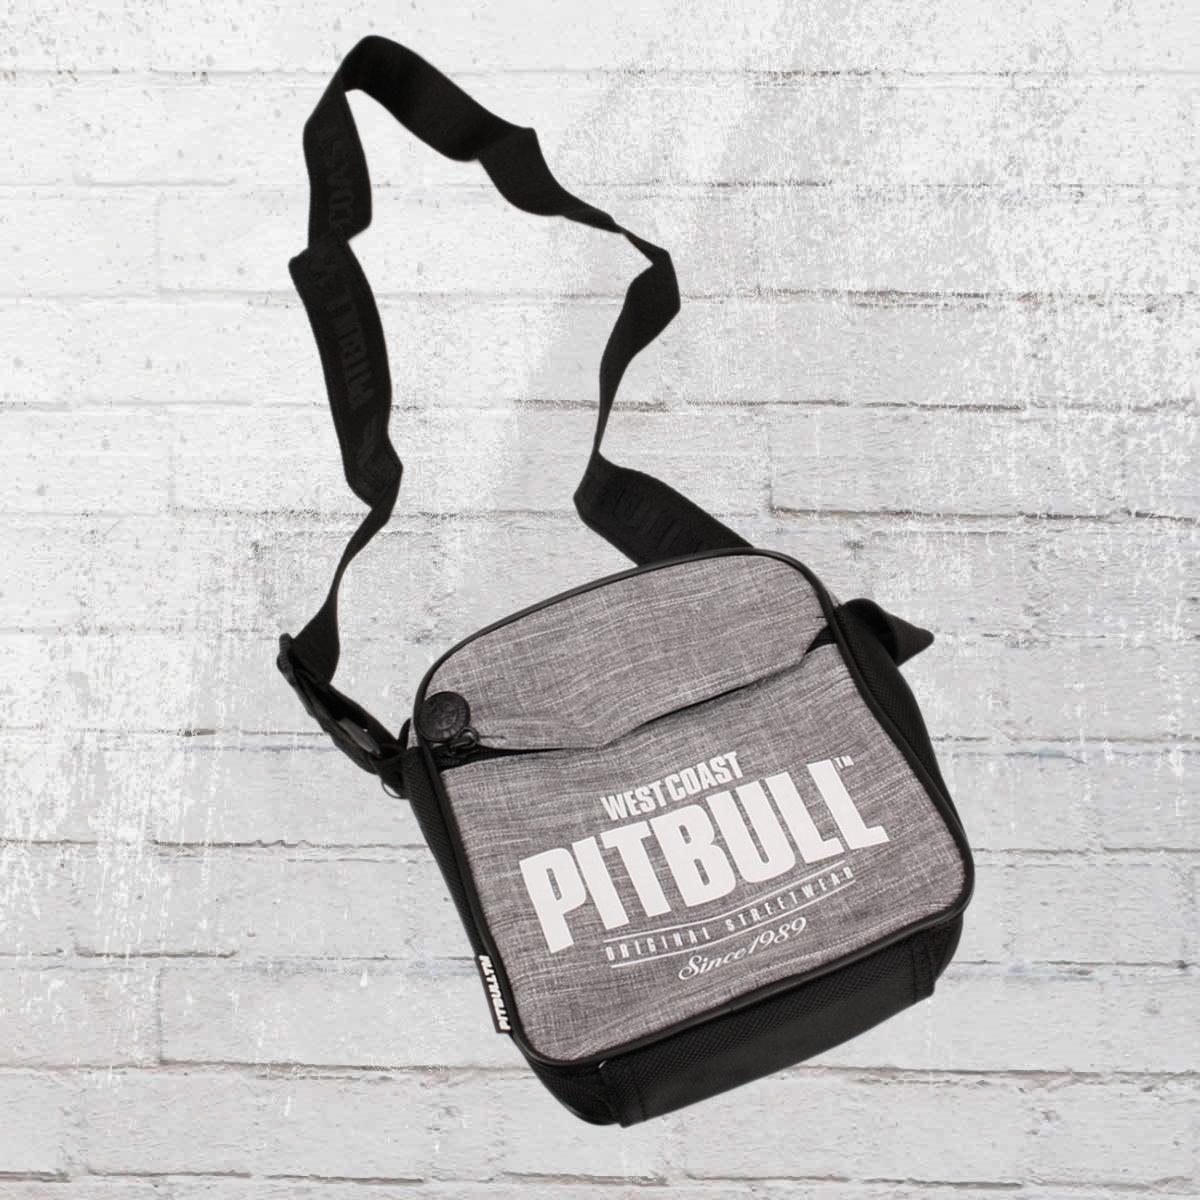 Pit Bull West Coast Schultertasche Since 1989 grau schwarz